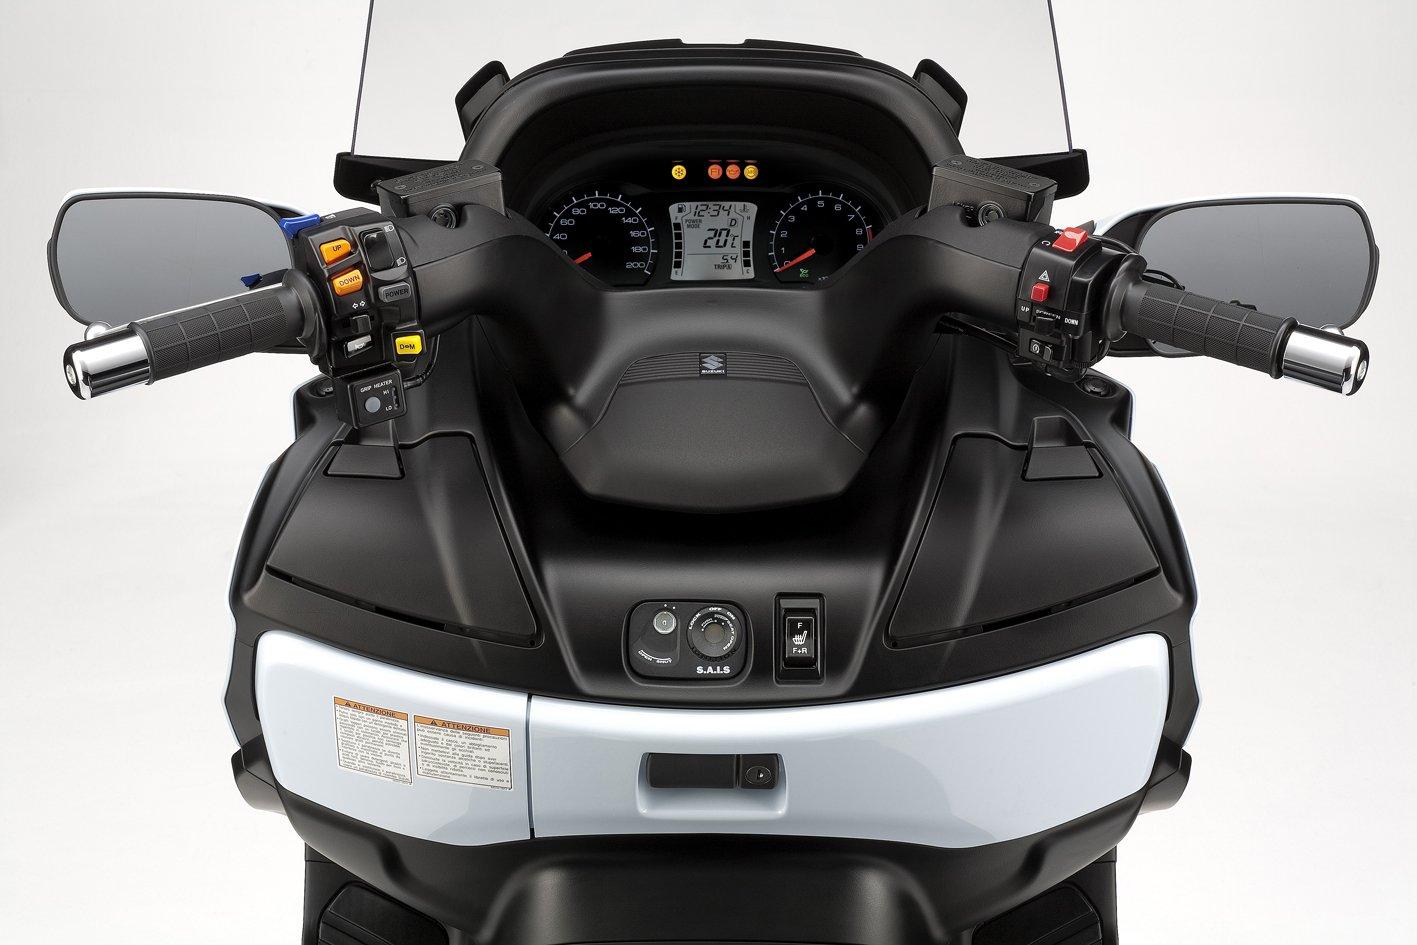 Suzuki Cintruder Test